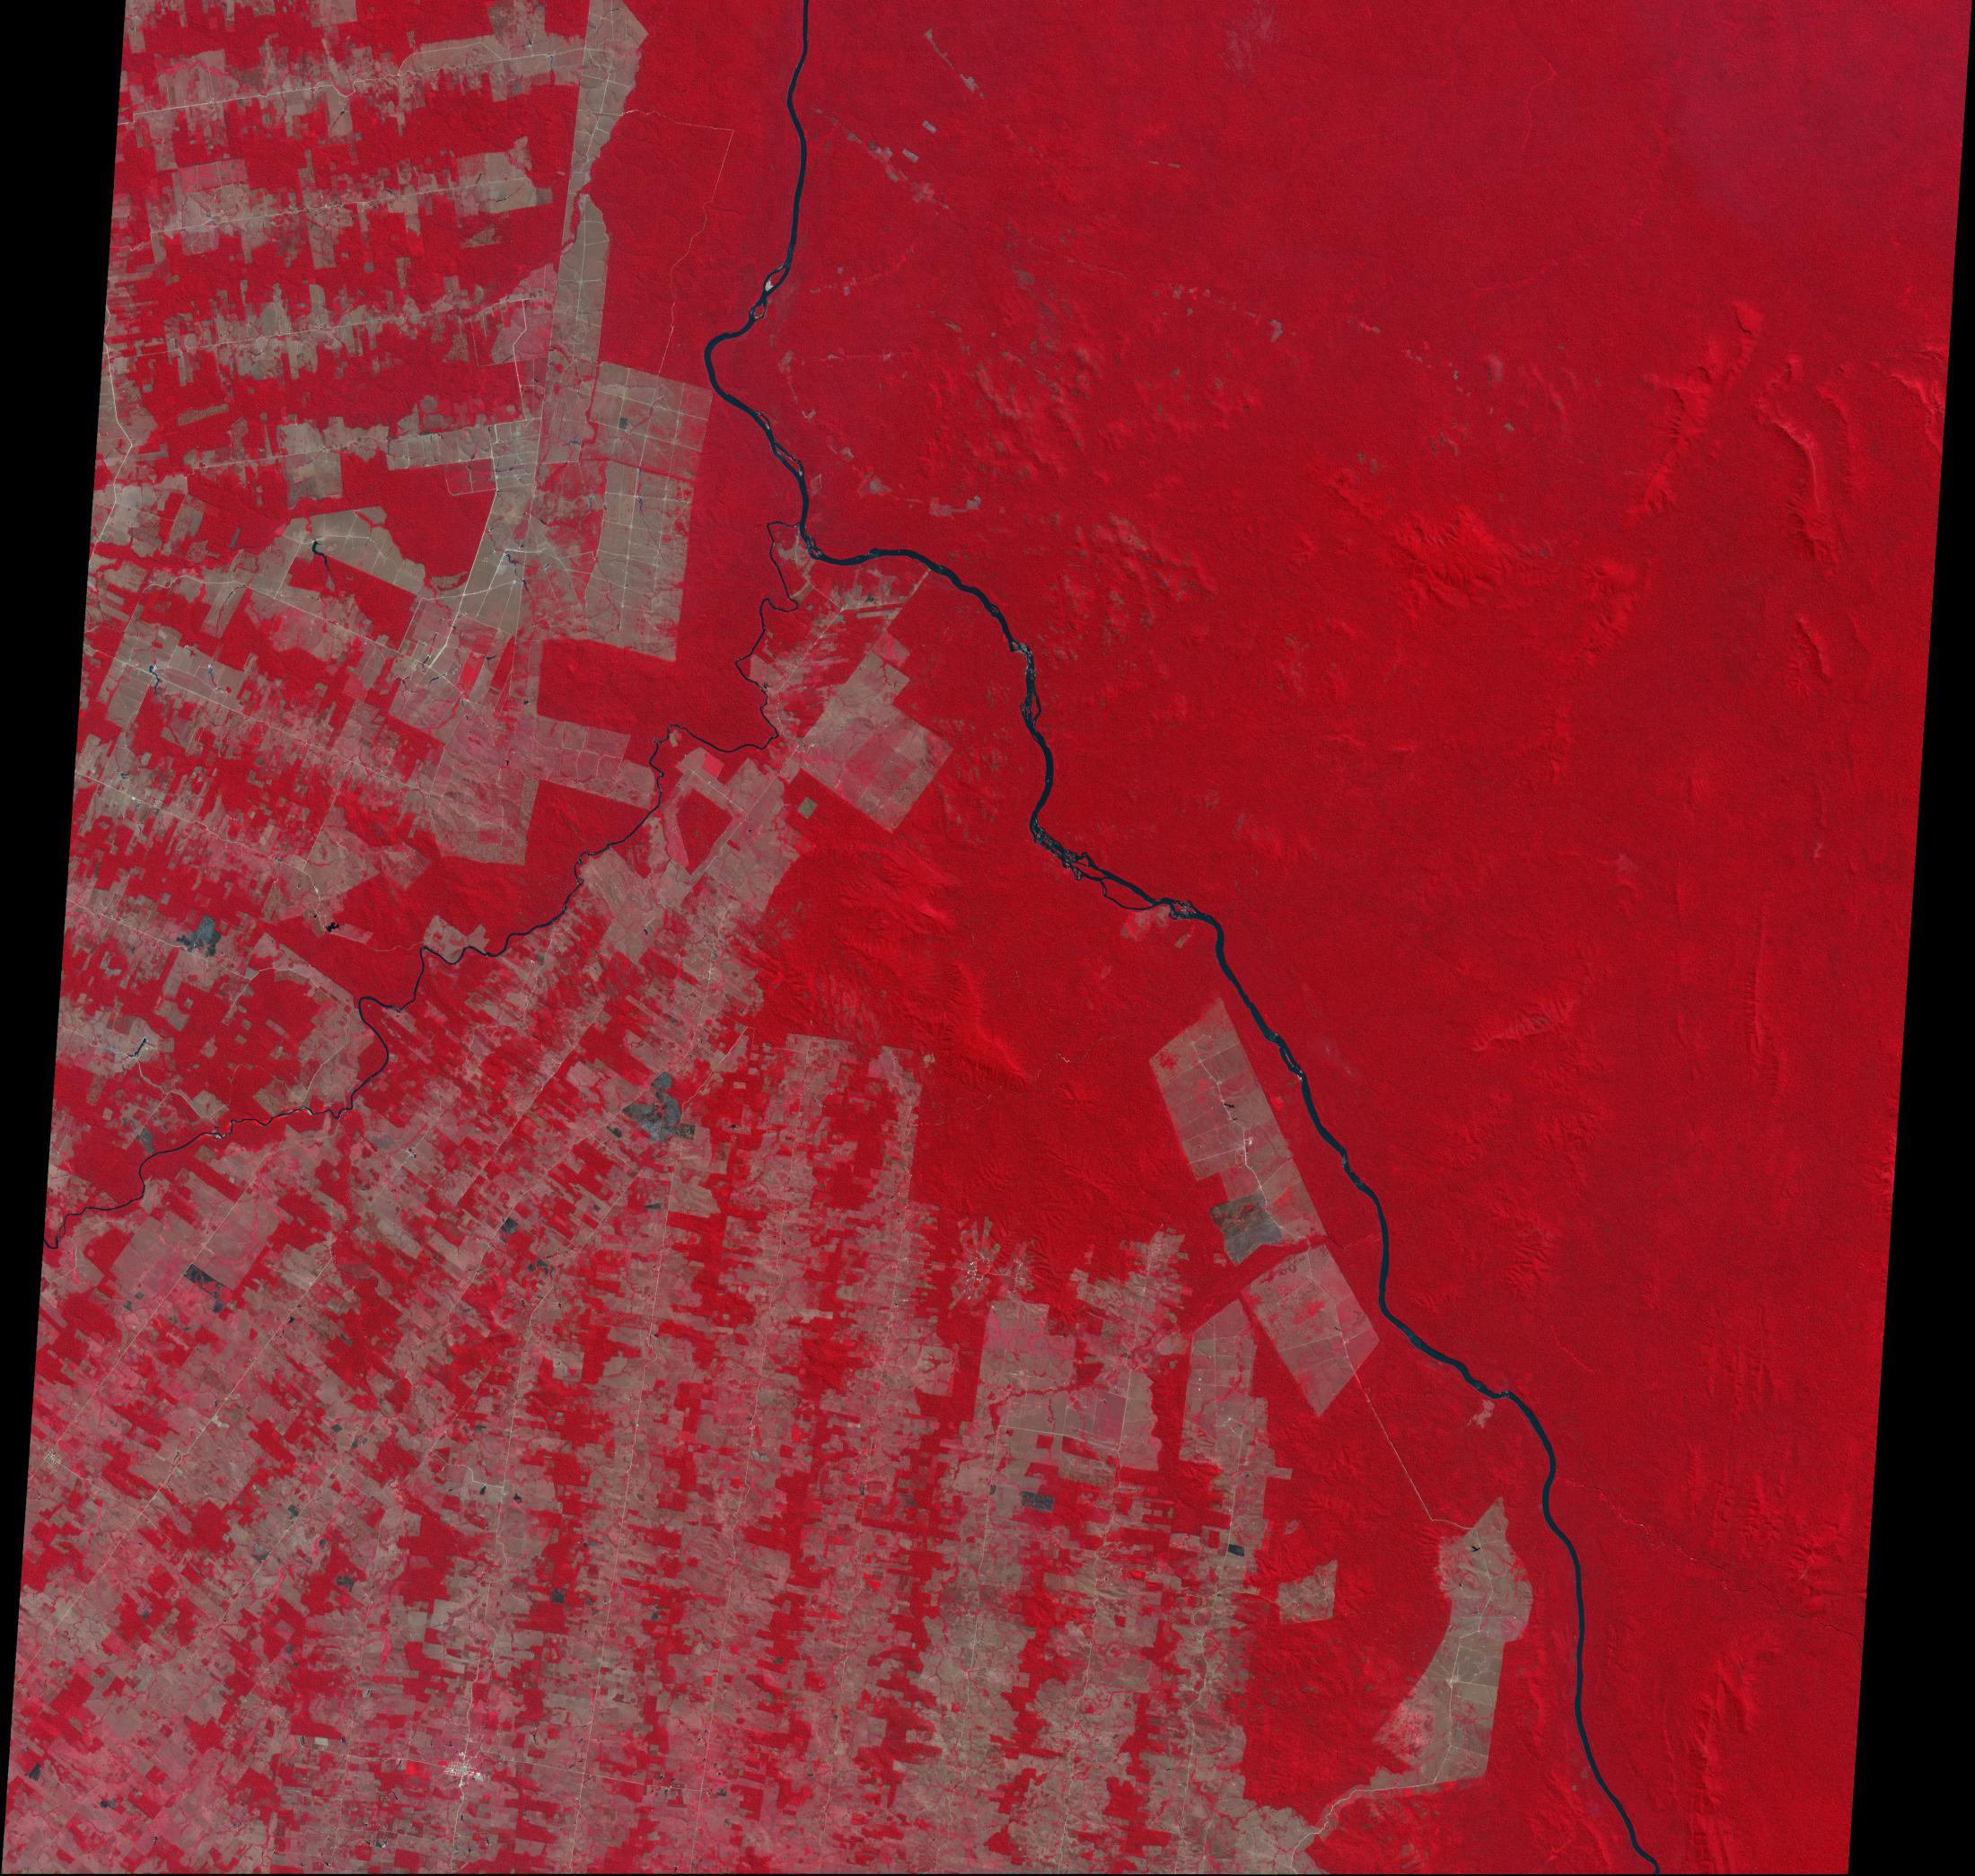 Imagen, Foto Satelite de Deforestación, Estado de Rondonia, Brasil